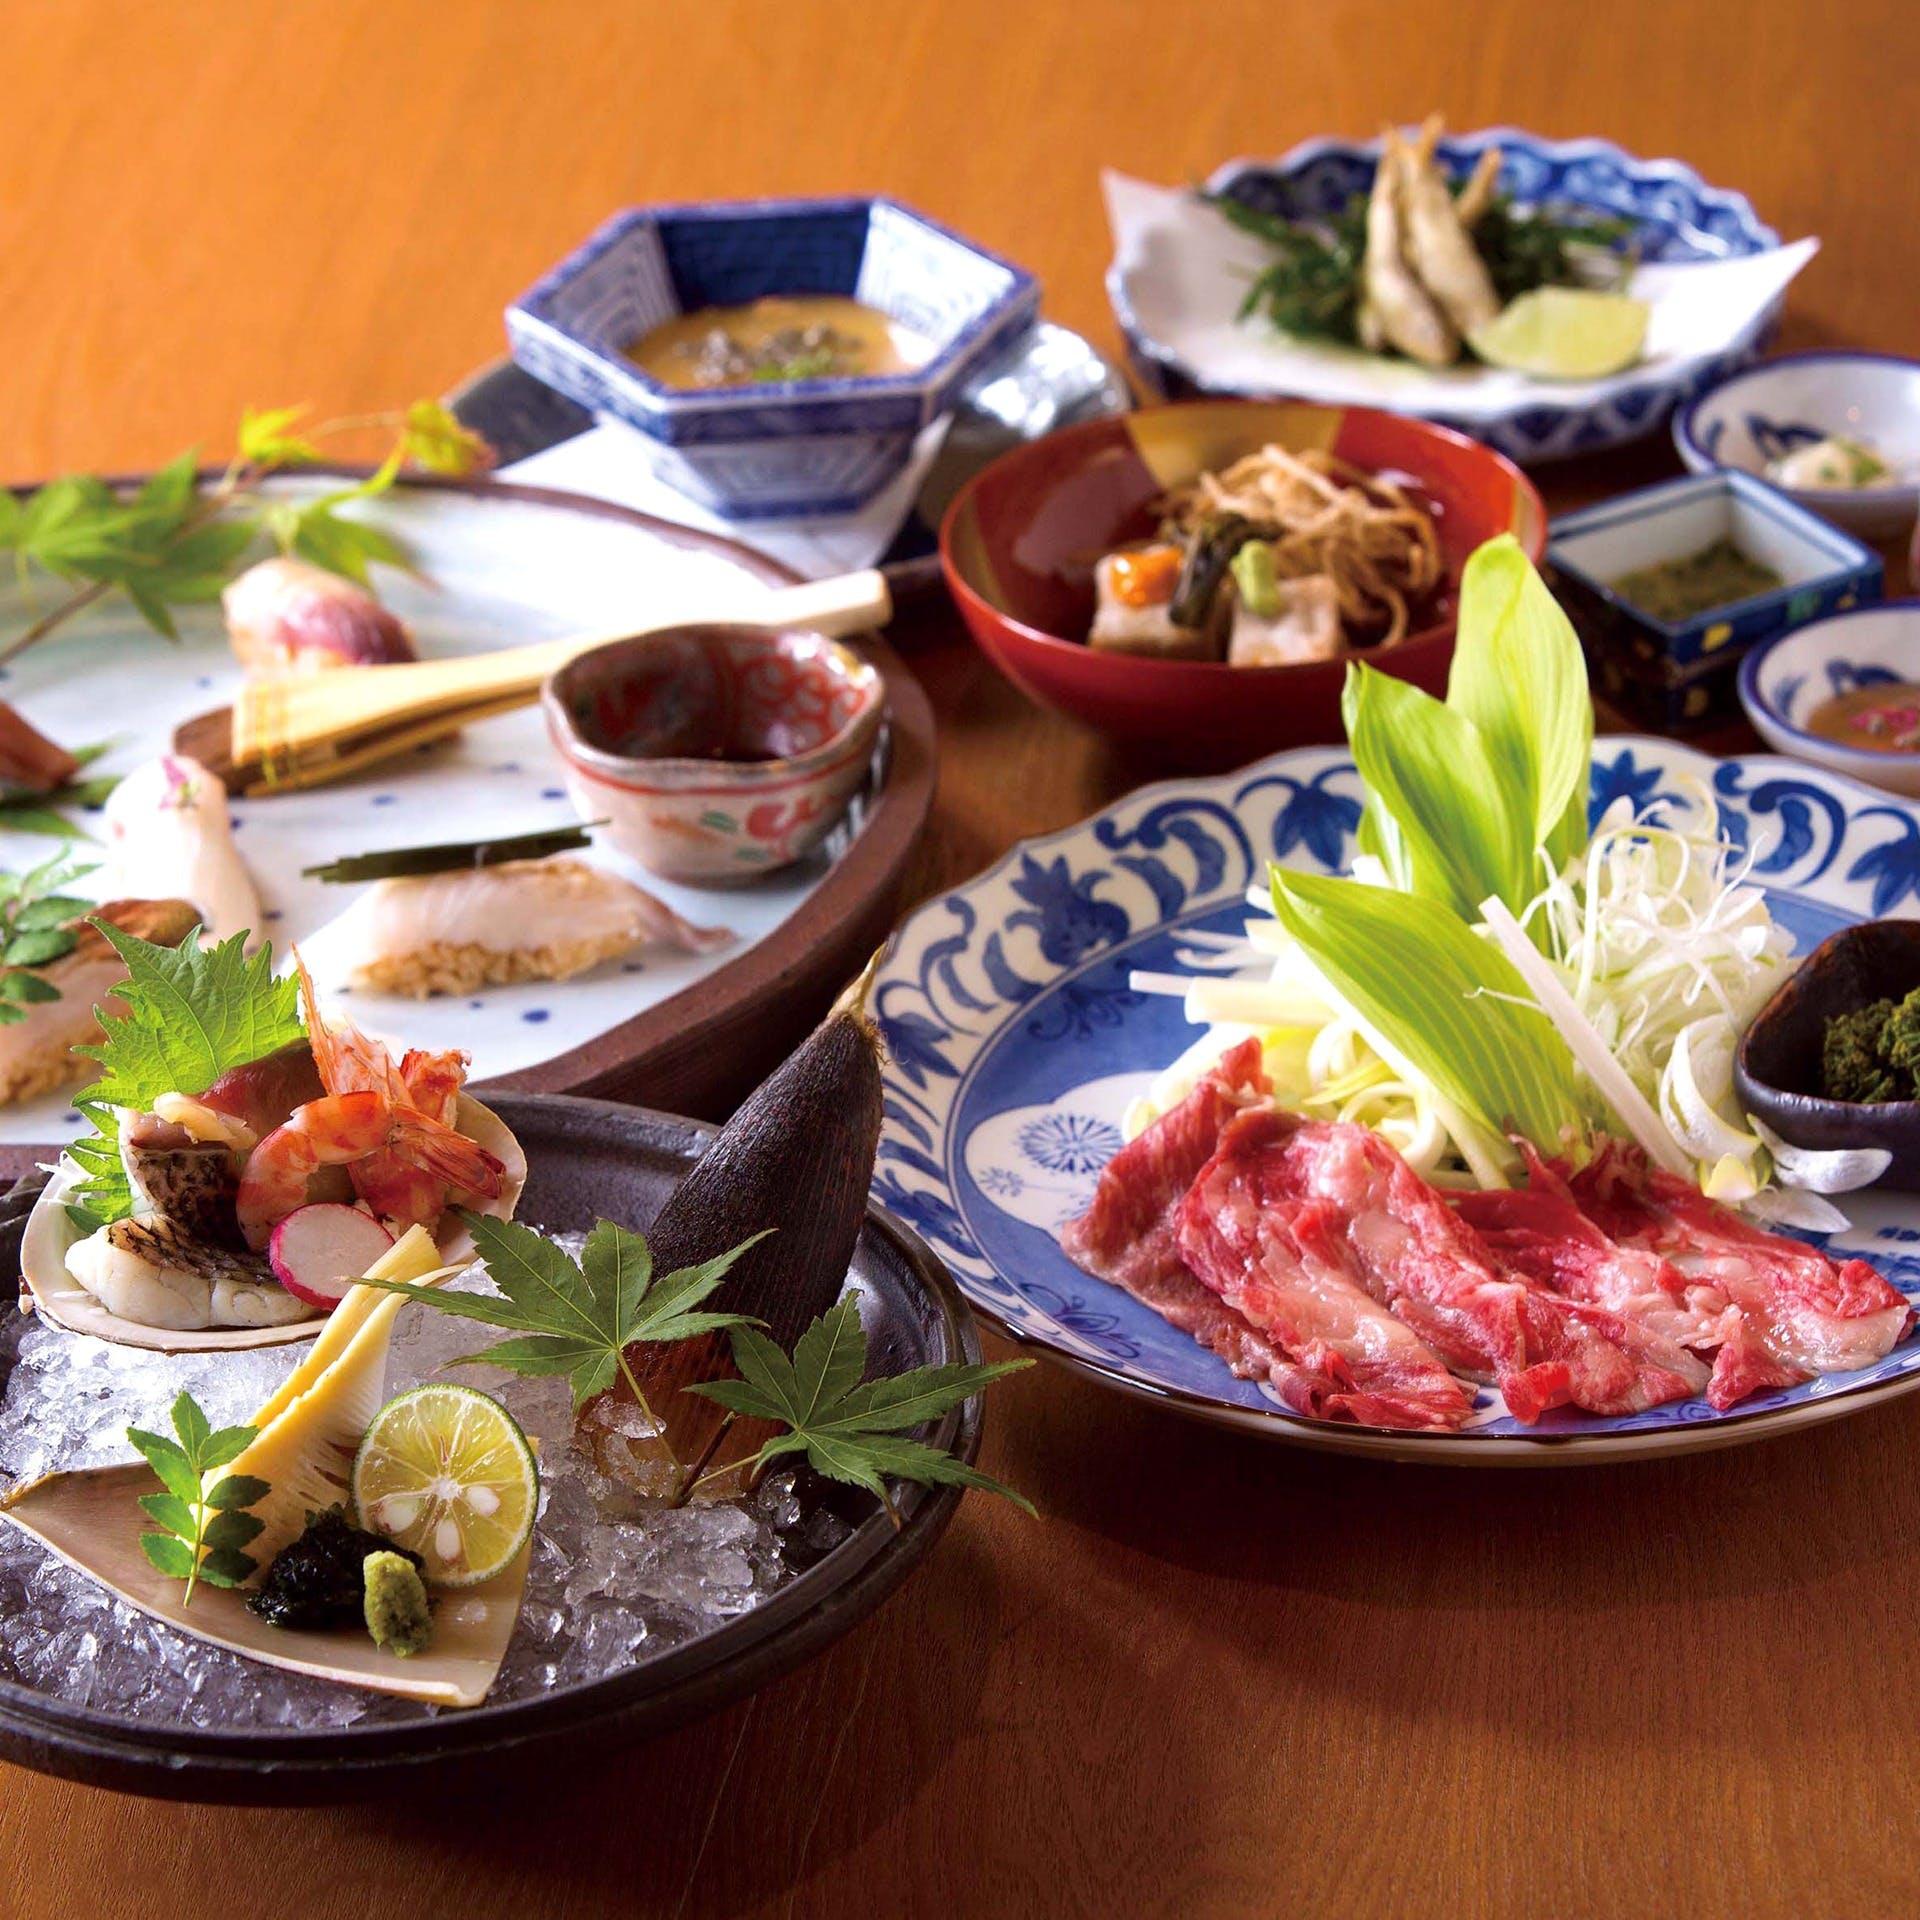 「匠の技で昇華させる」日本料理